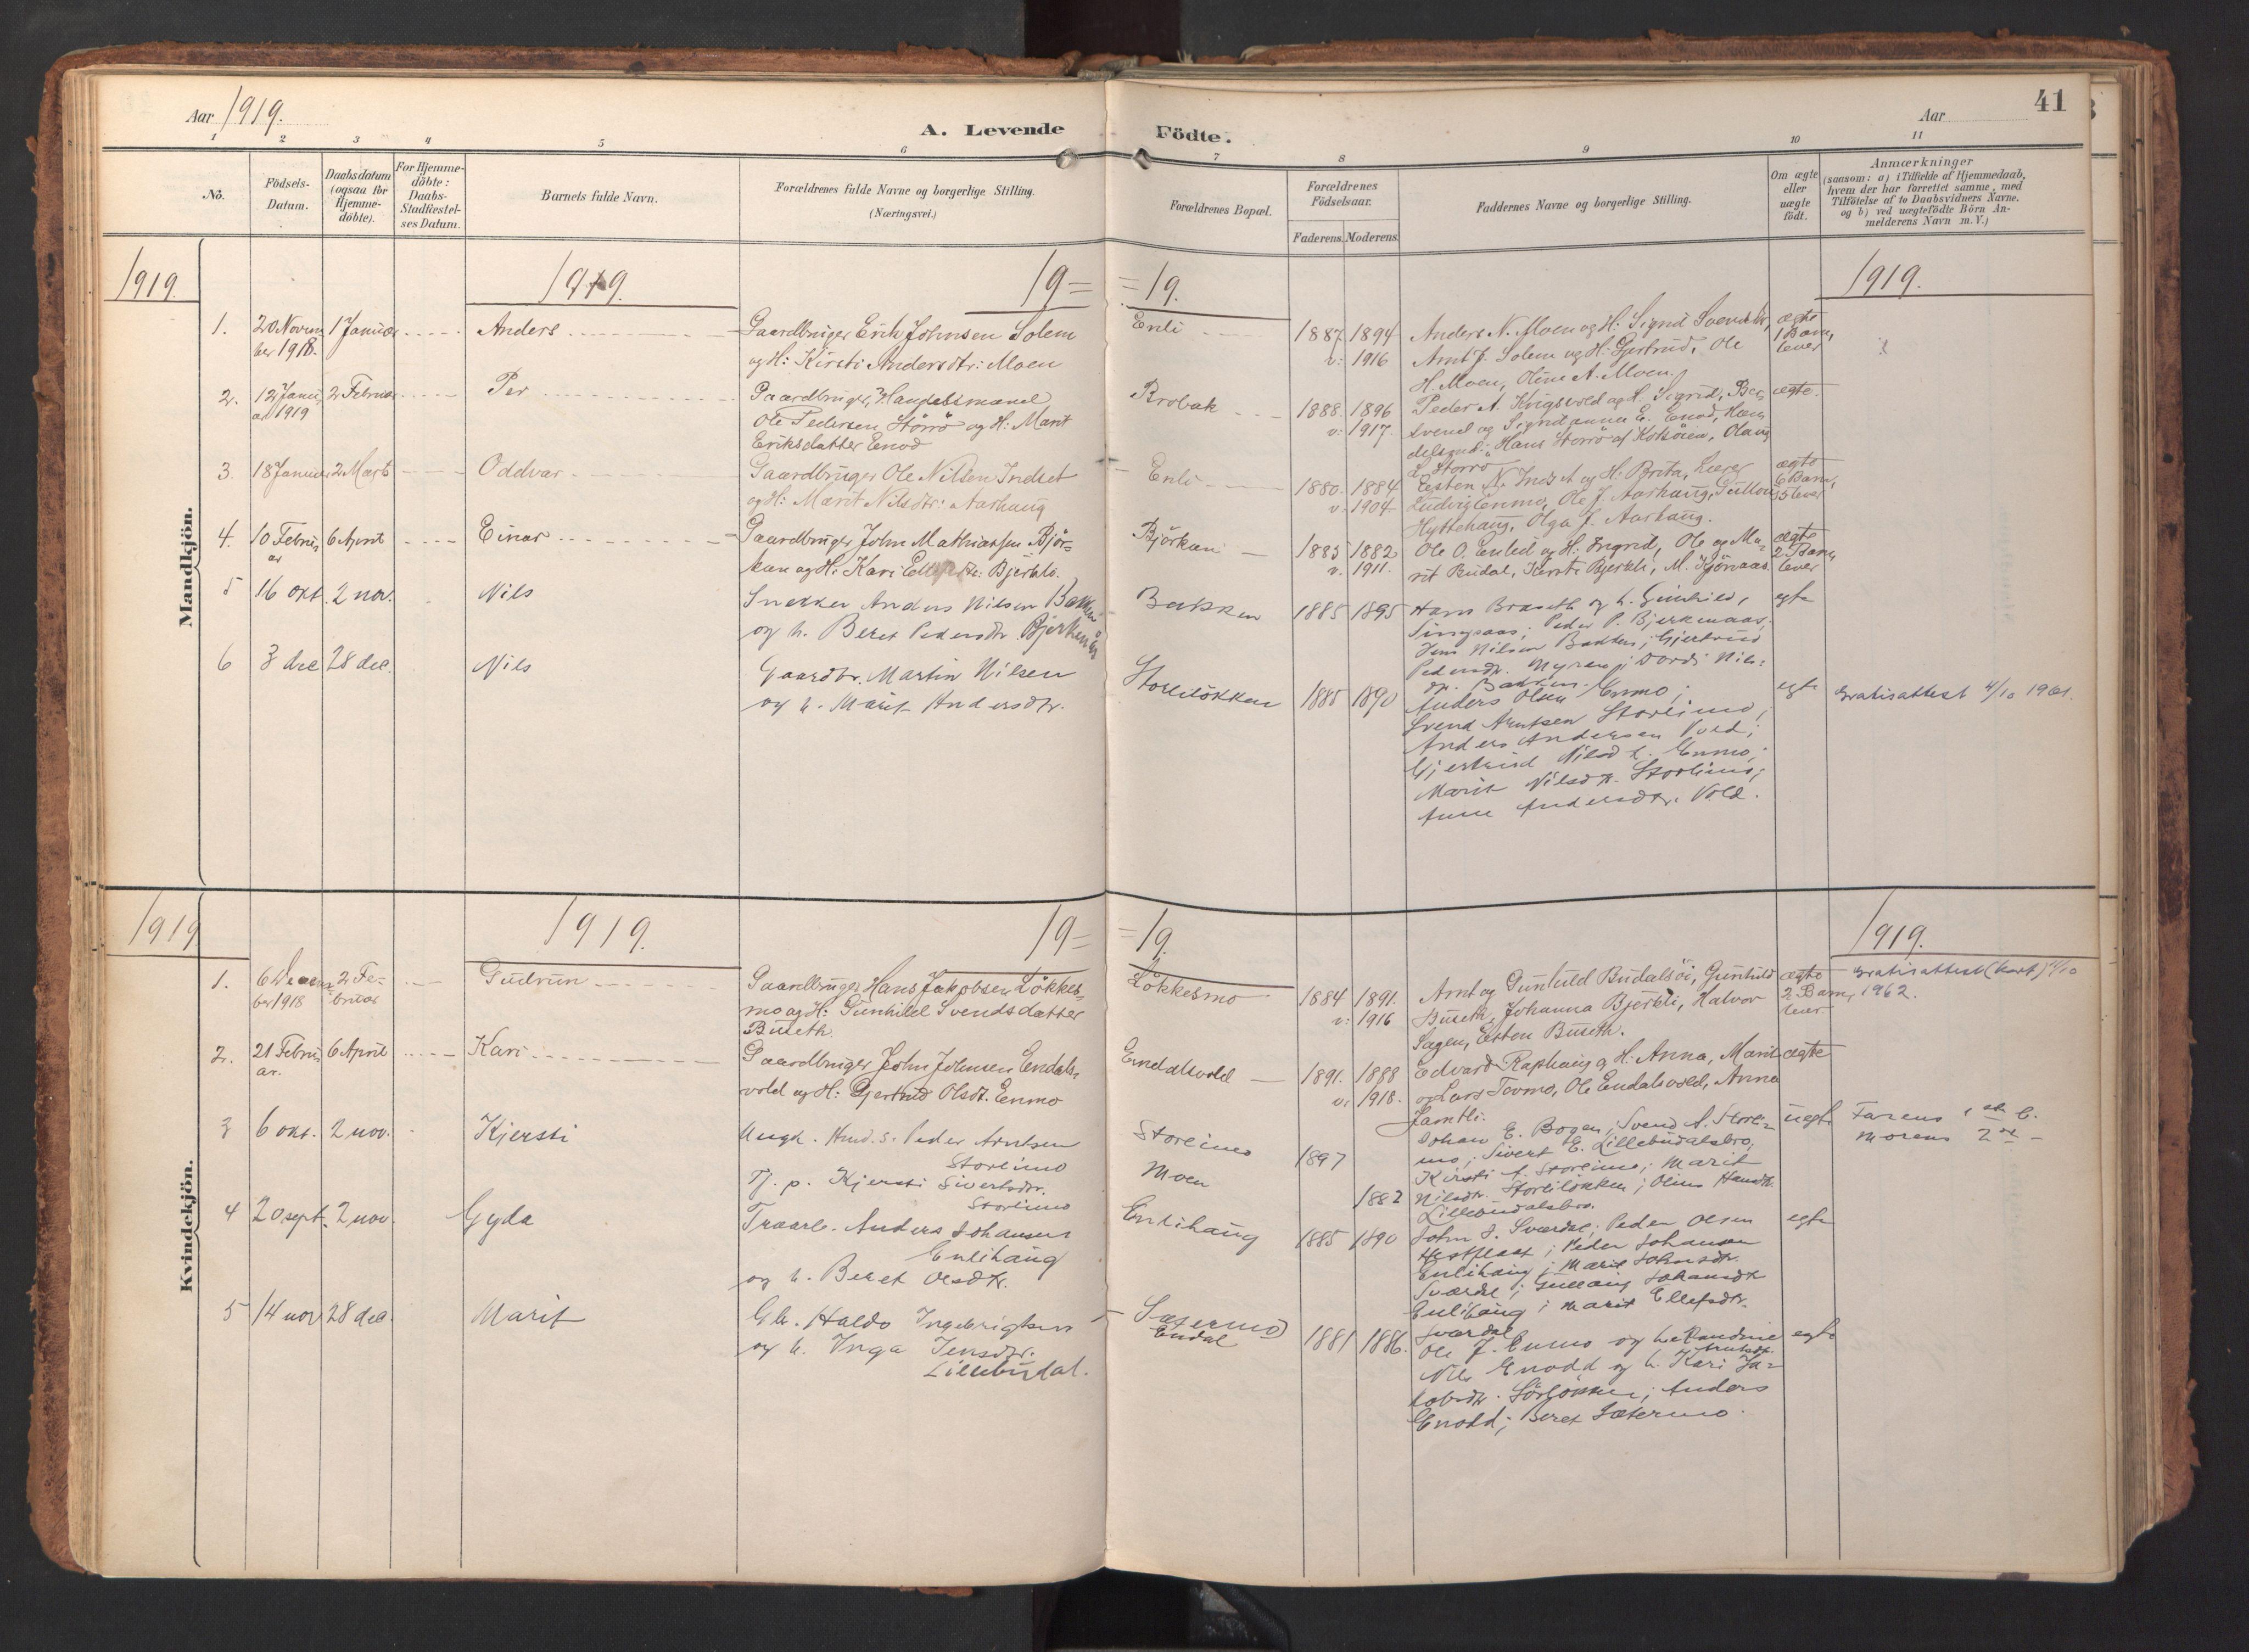 SAT, Ministerialprotokoller, klokkerbøker og fødselsregistre - Sør-Trøndelag, 690/L1050: Ministerialbok nr. 690A01, 1889-1929, s. 41